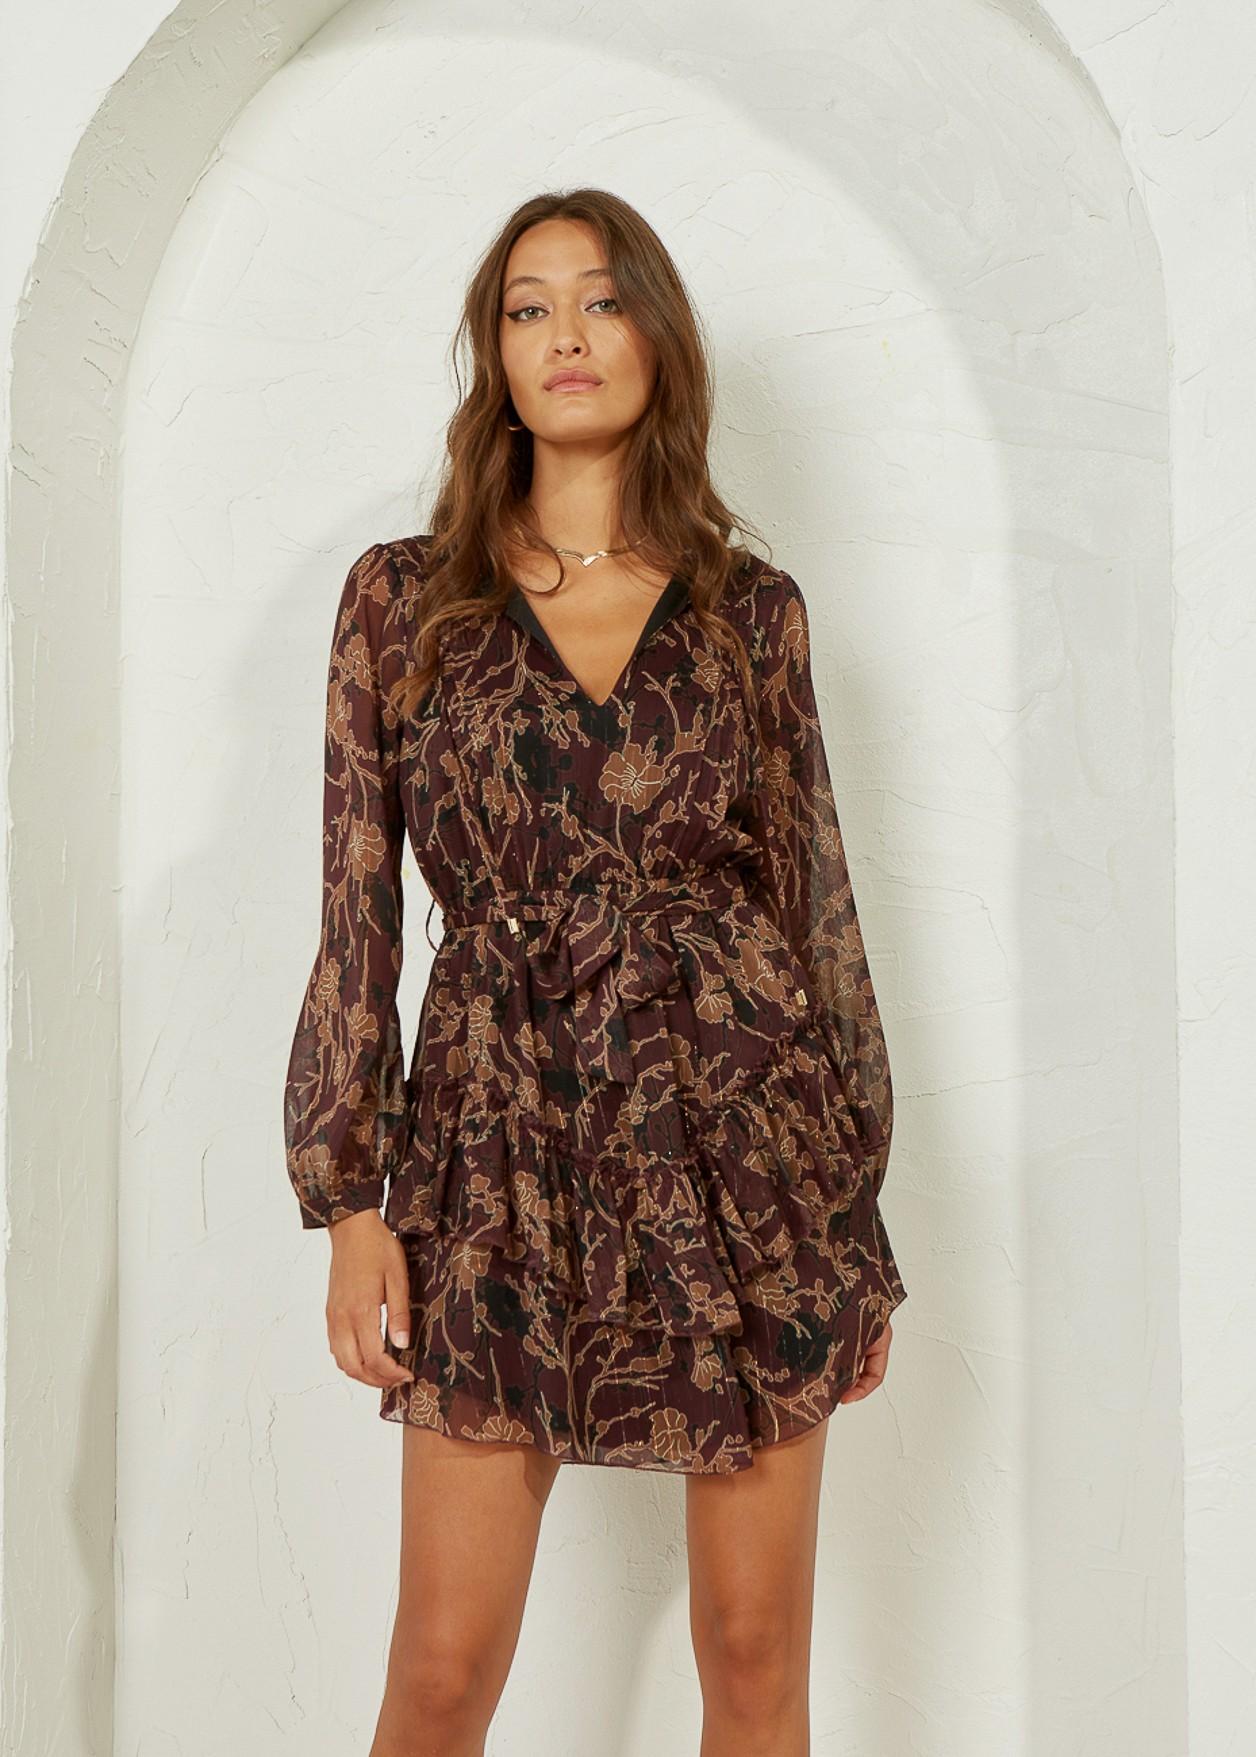 Ruffled dress with pleats